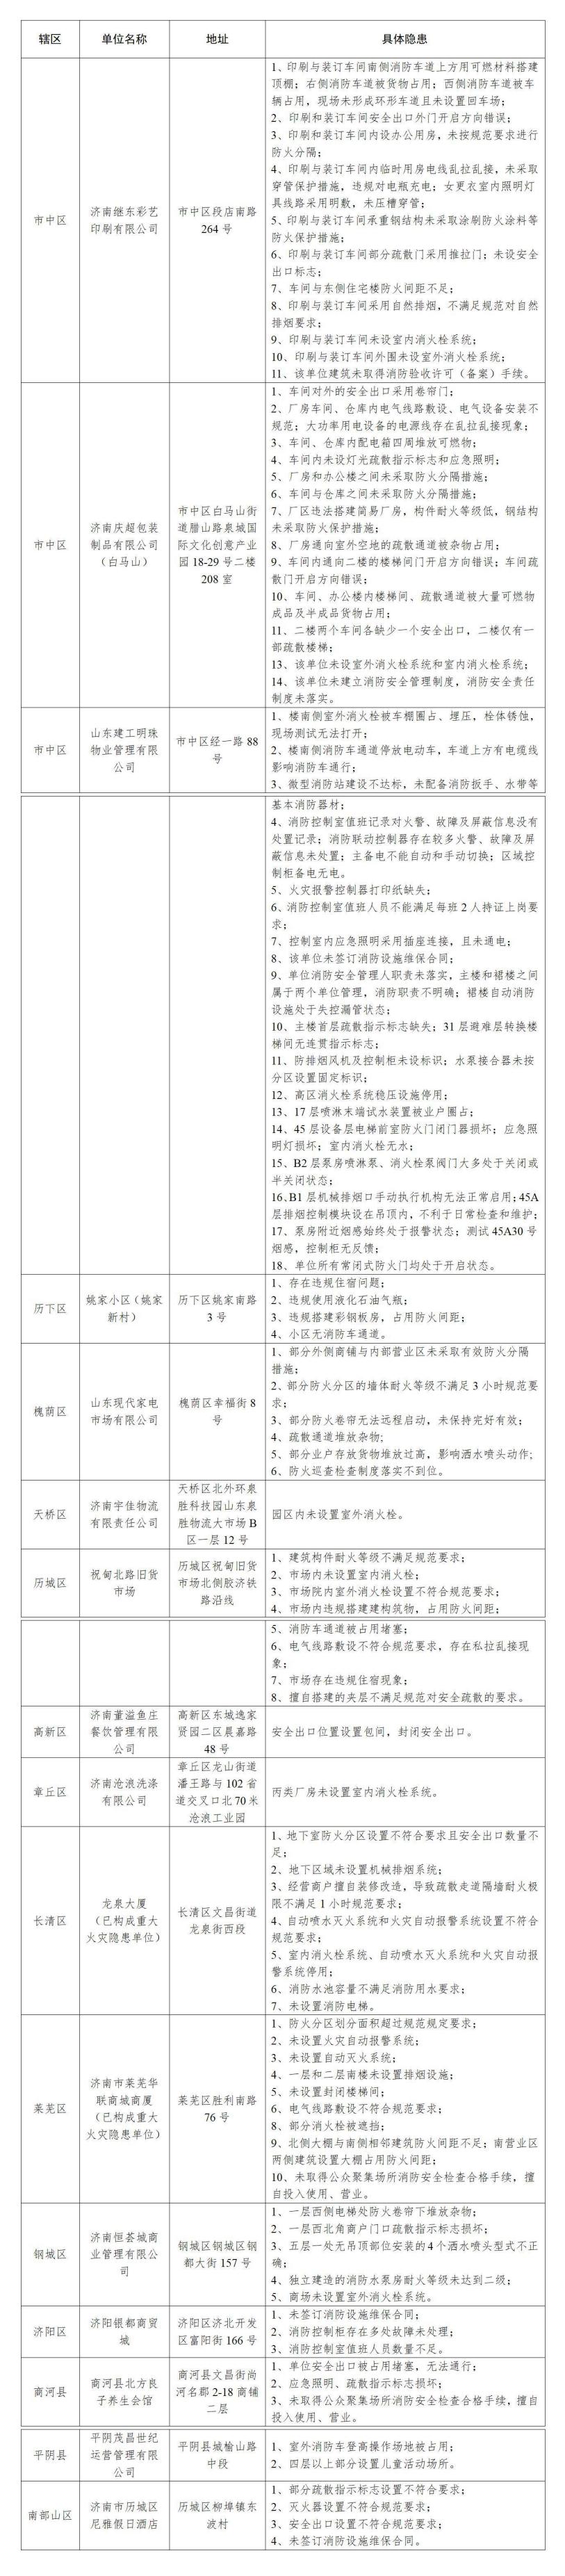 公示 | 隐患不容忽视,济南消防曝光16家火灾隐患单位!